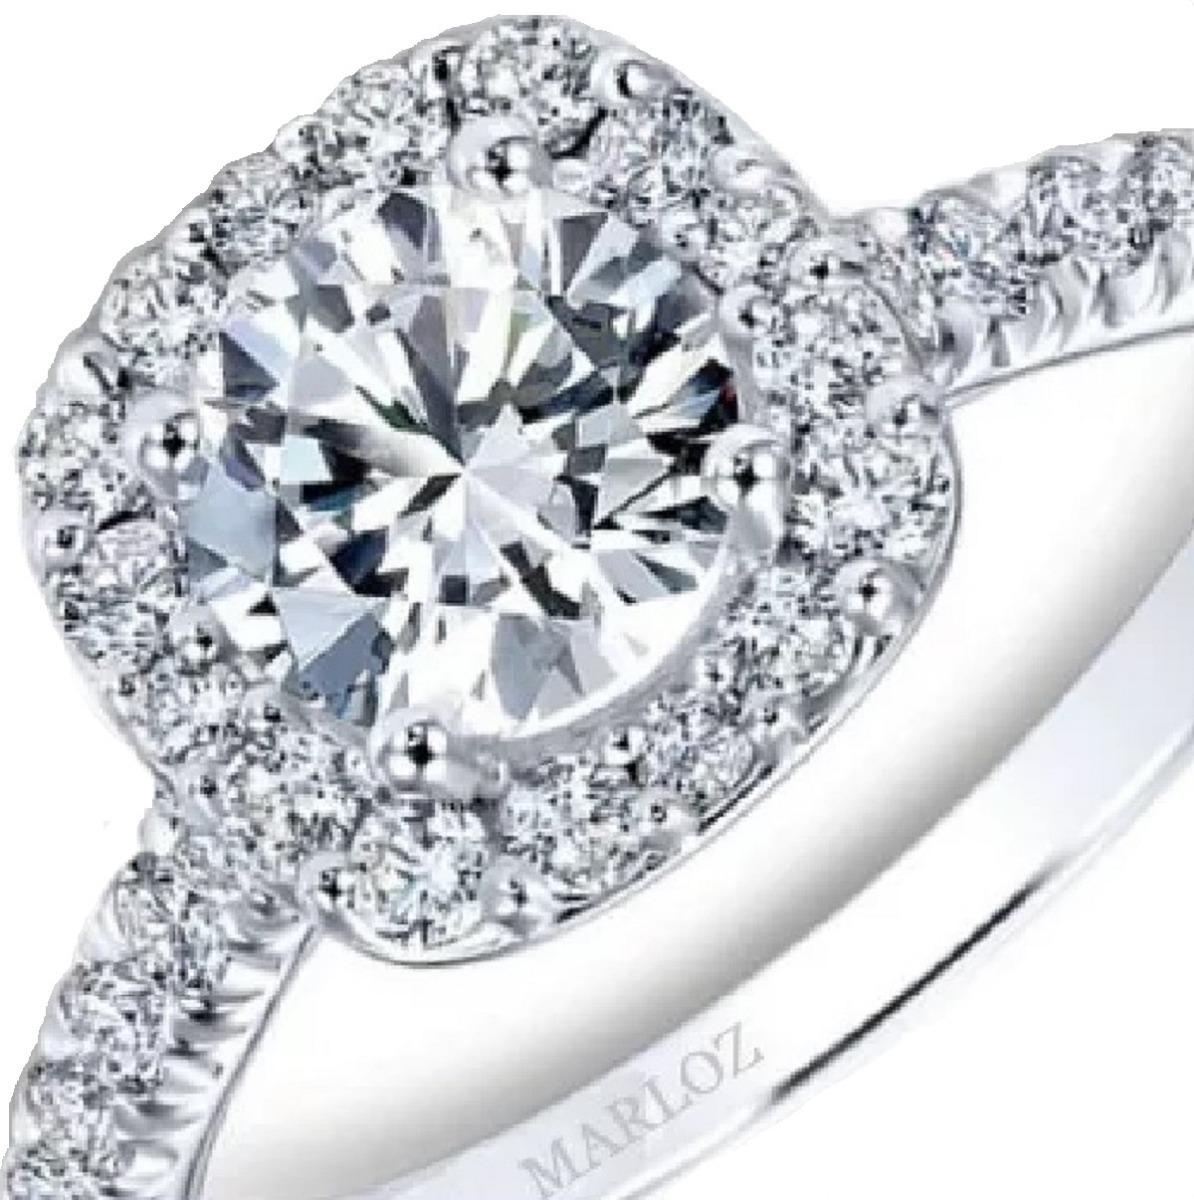 7387b4f738d0 Anillo Compromiso Diamantes Naturales .95ct Oro Blanco 14k ...